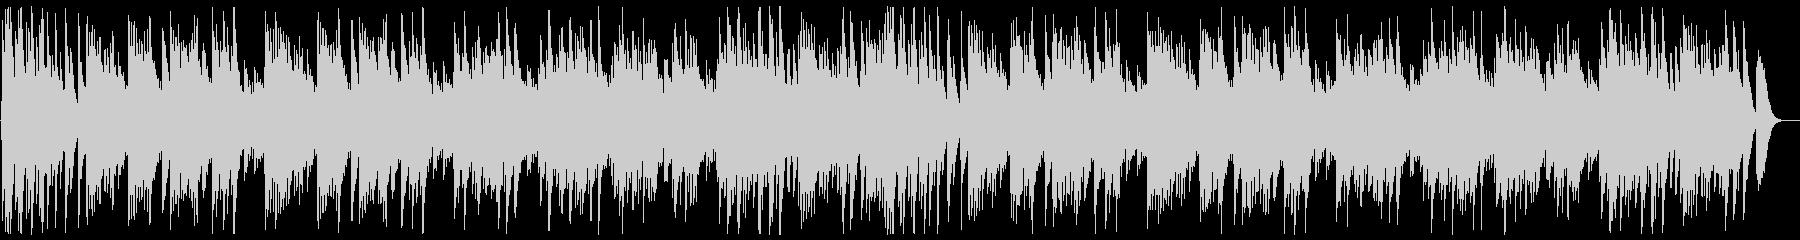 可愛い優しい曲調のハンドベルの曲の未再生の波形